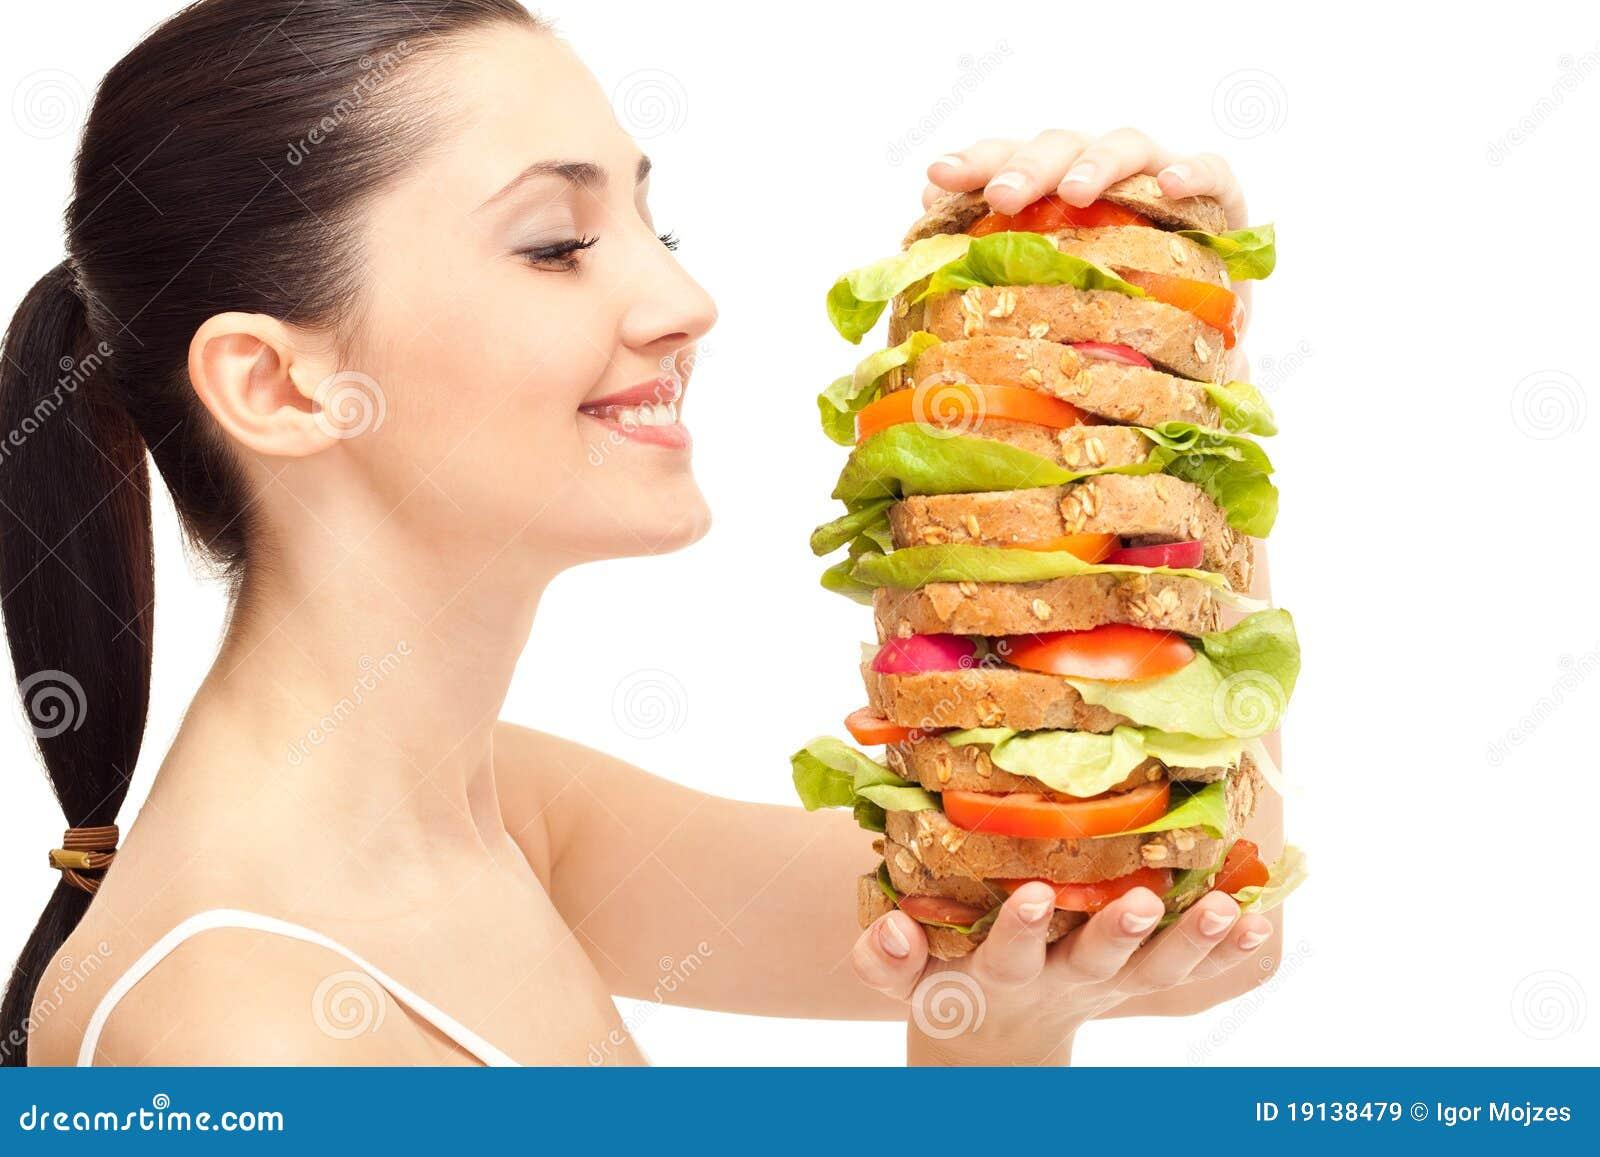 Sandwich Mit Fettem Girl